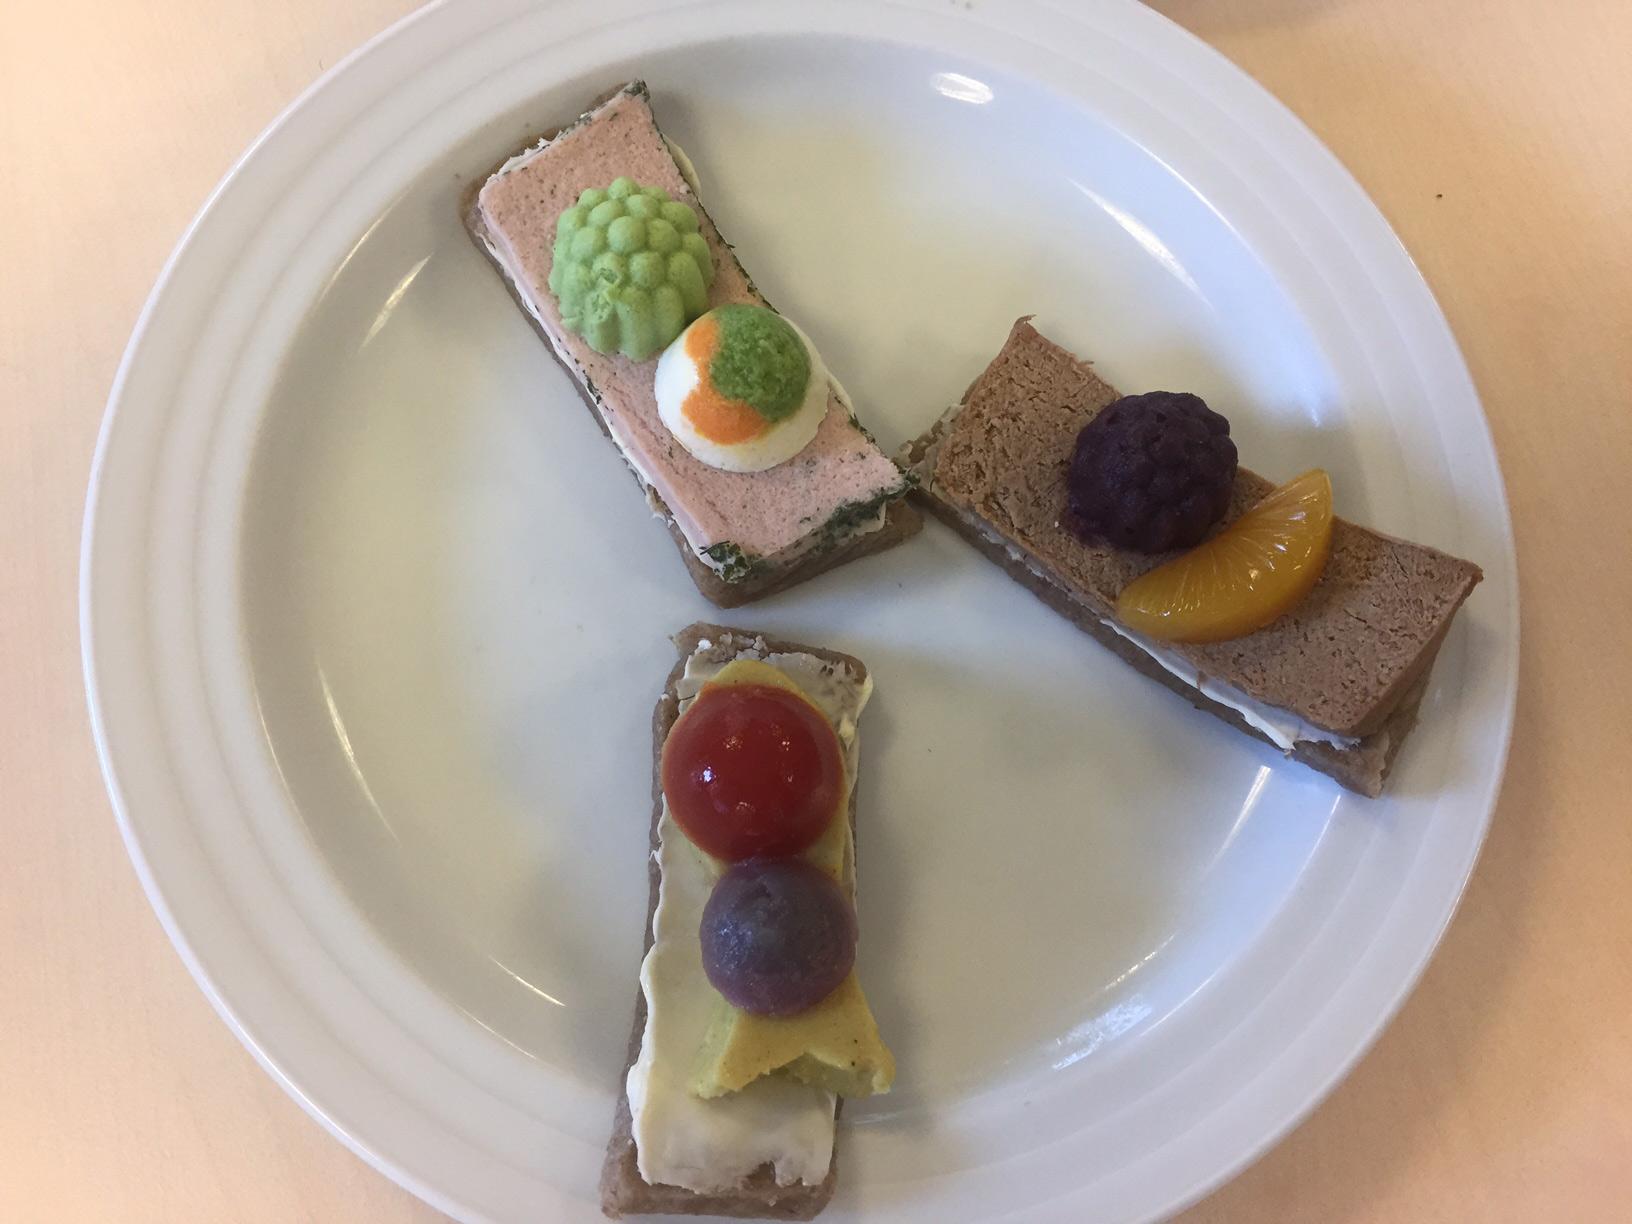 Frontpersonalet lærer om kost : Gratinkost smager af karrysild og kotelet | VPT